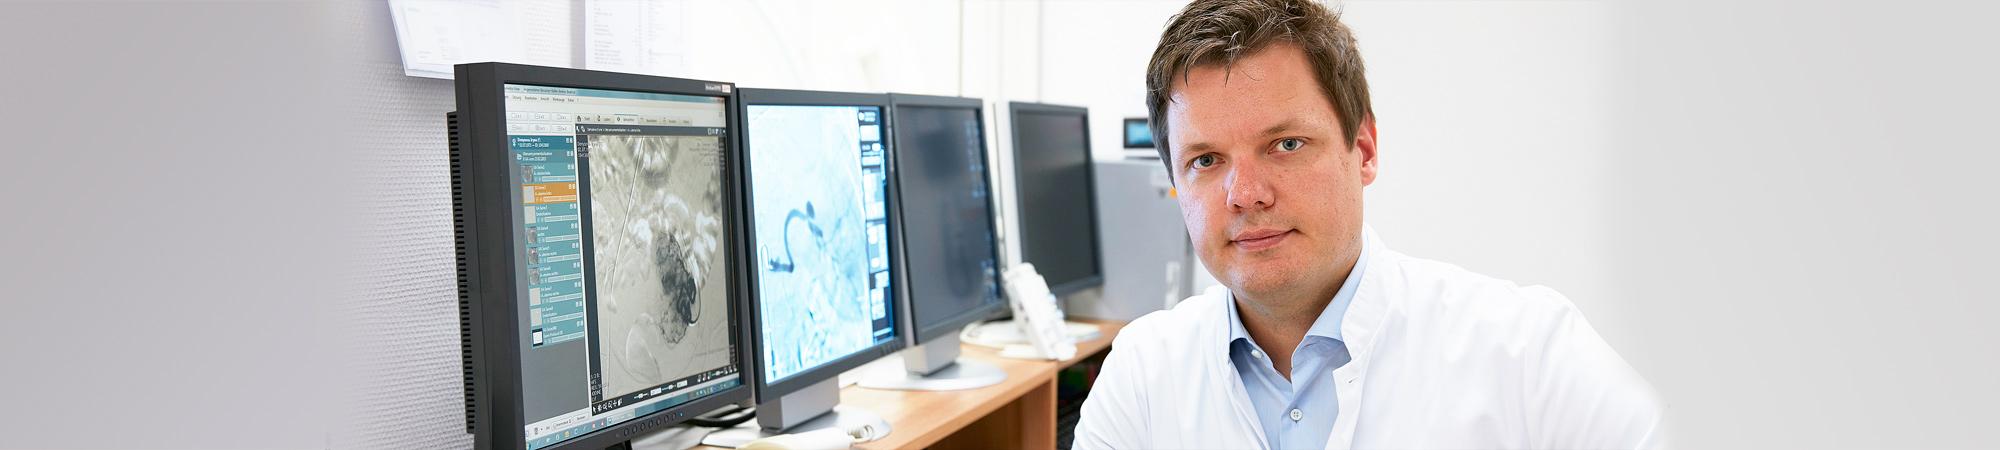 SwissIntervention - Zentrum fuer Mikrotherapie Arzt Bild Headerbild